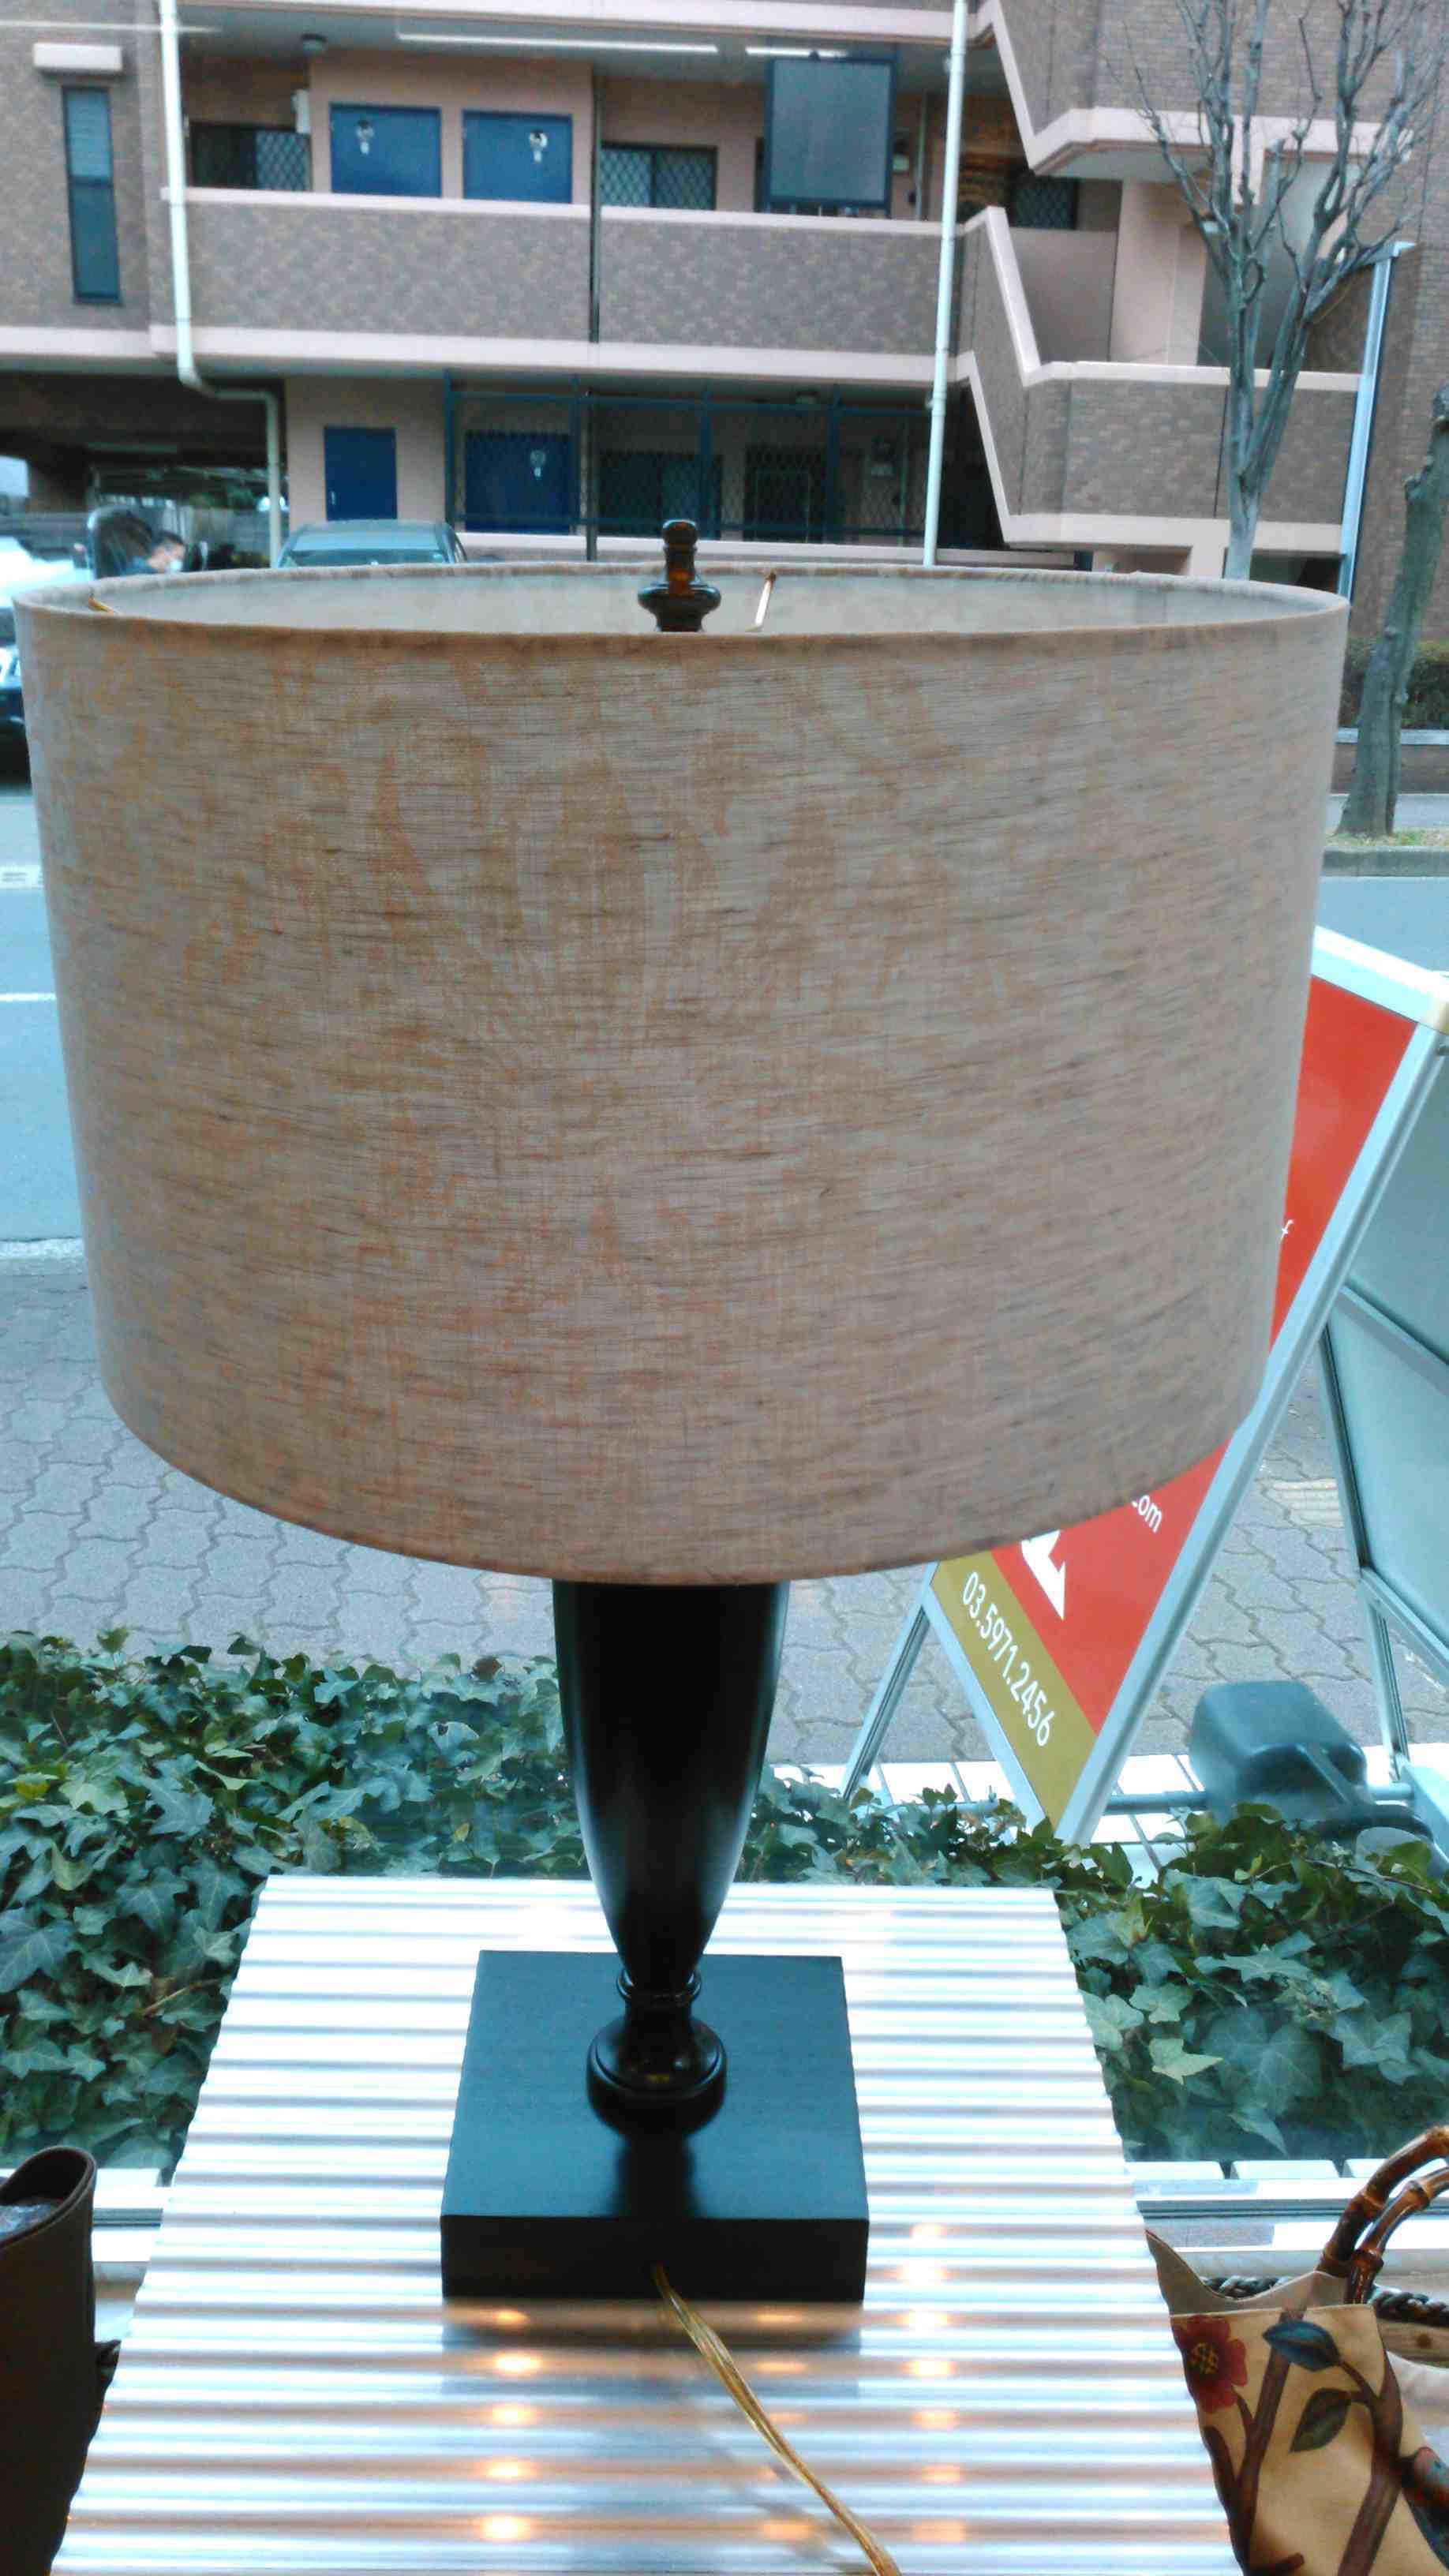 『ピュアモリス』でランプシェードの新規制作_c0157866_20085487.jpg